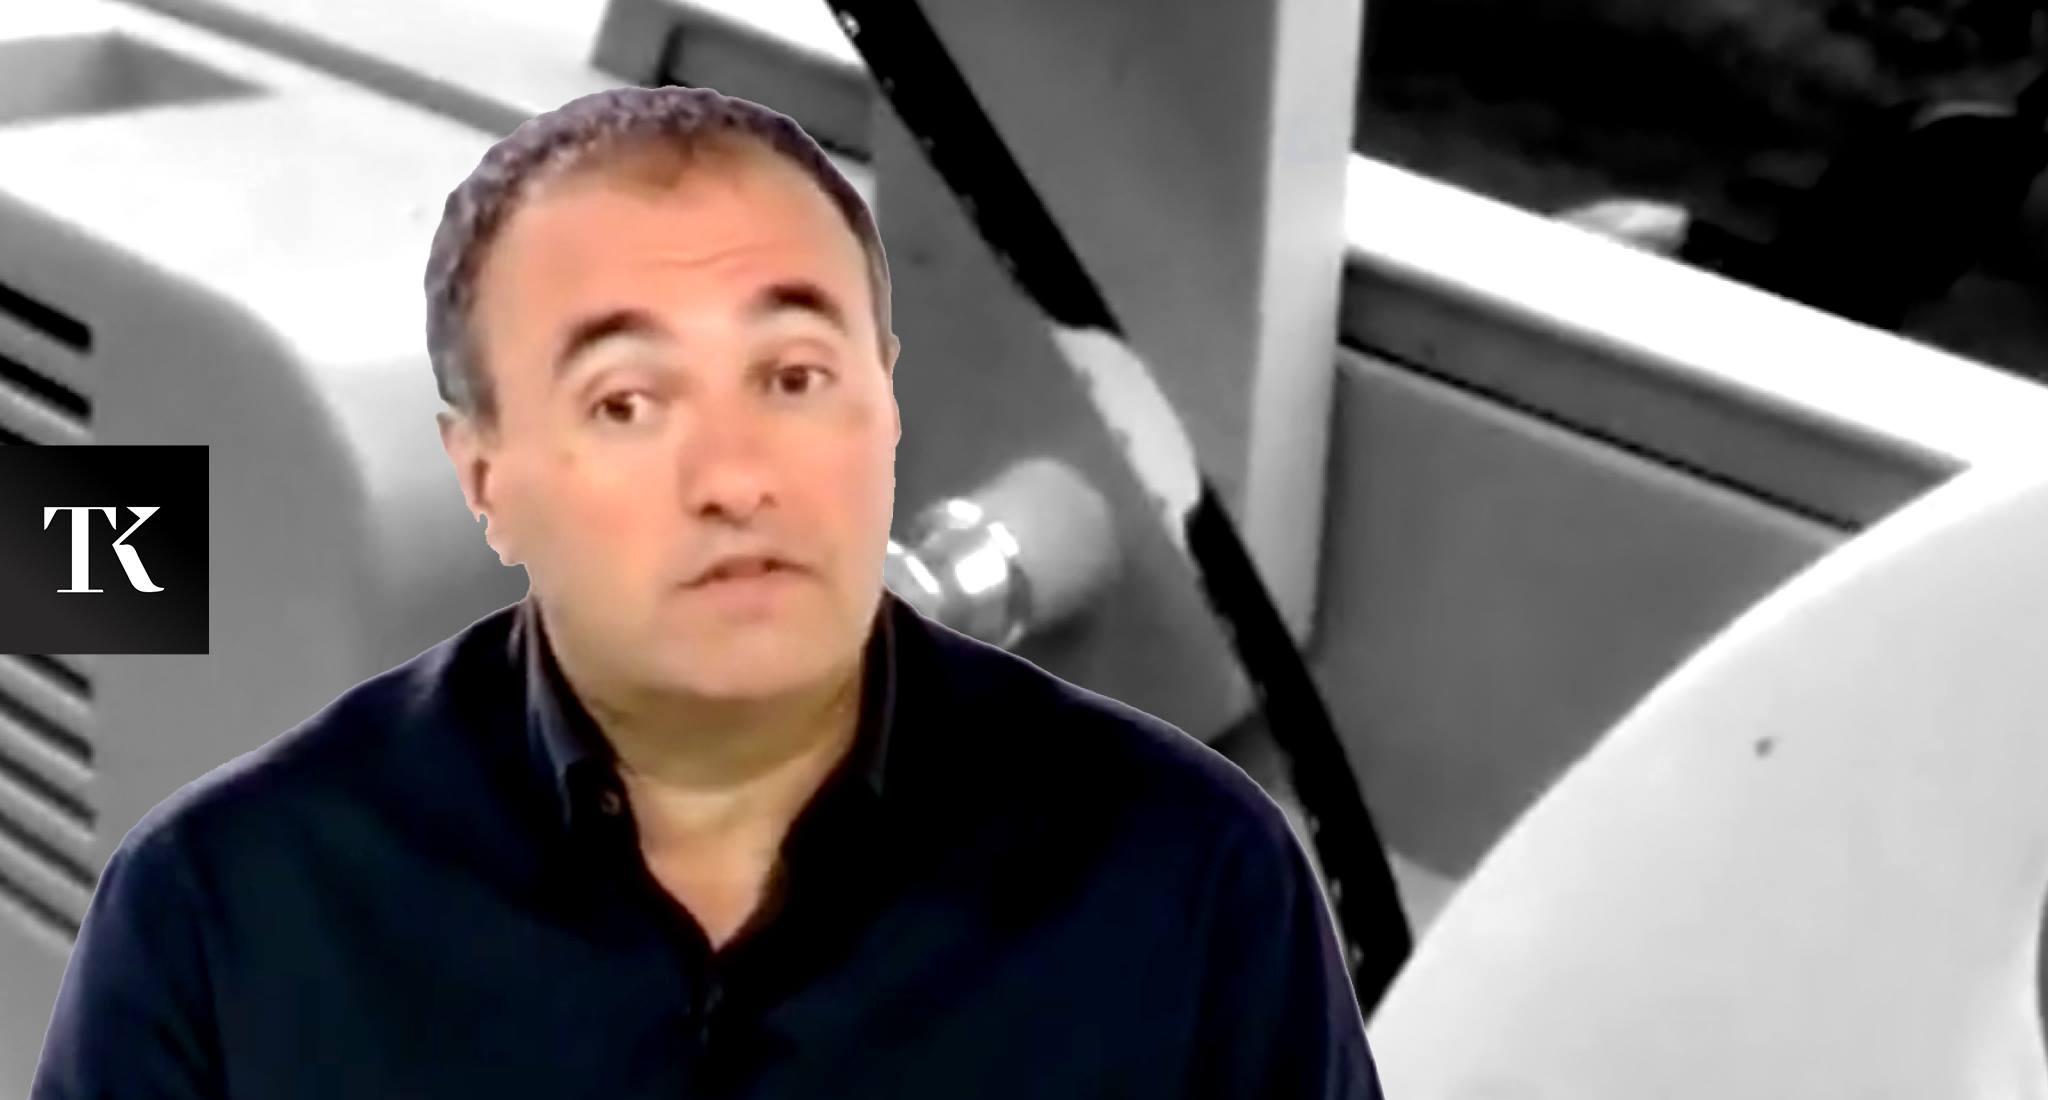 Антикоррупционеры уличили Роднянского в сомнительной дружбе